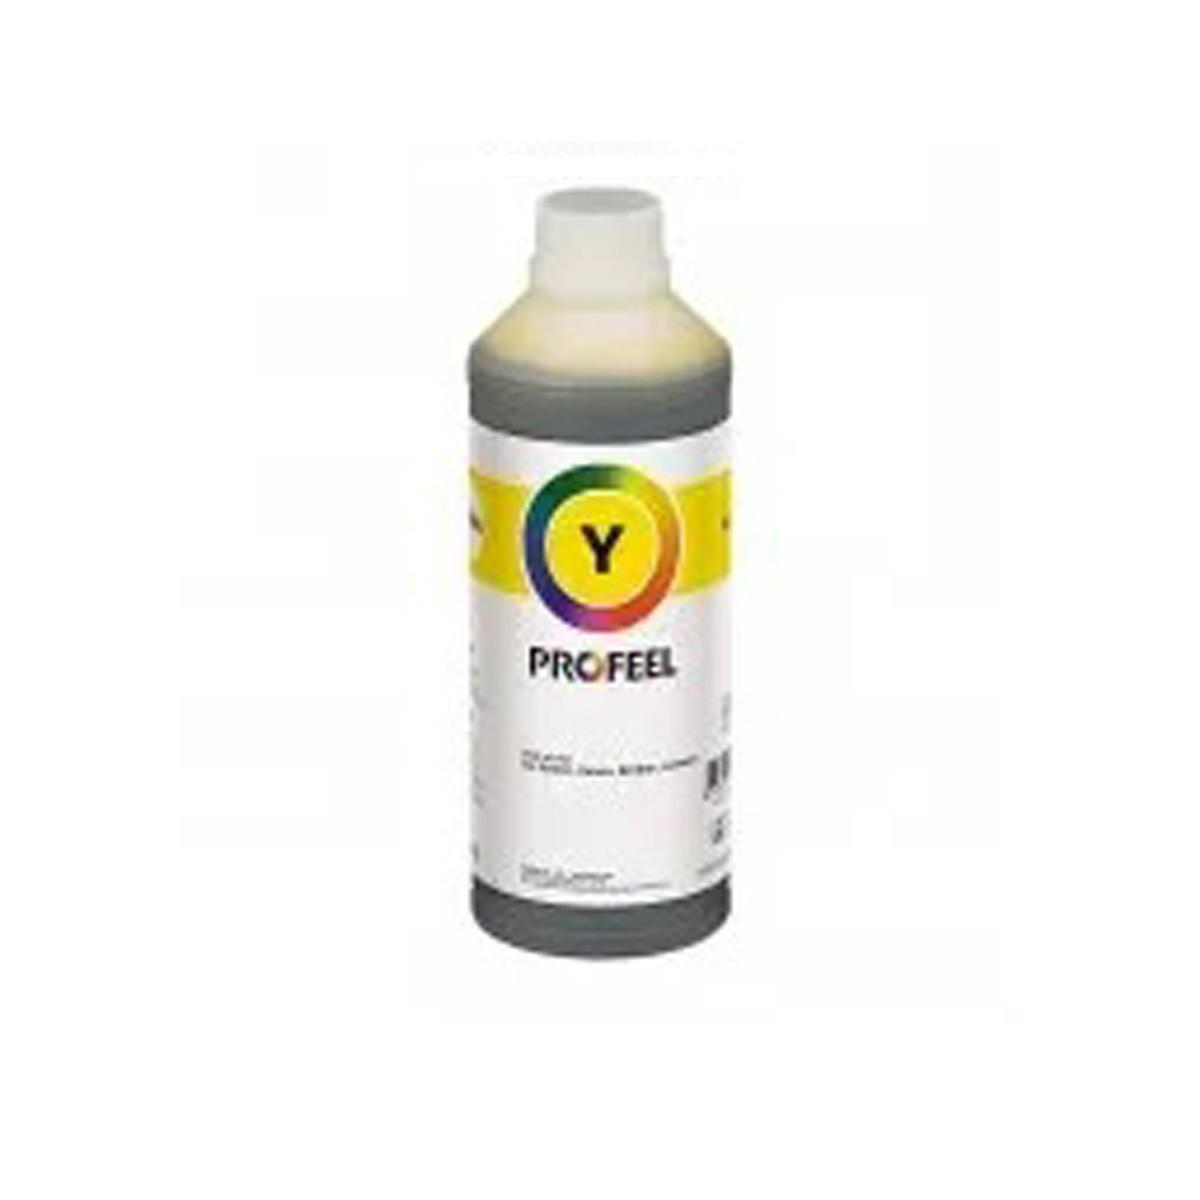 Tinta Cartuchos HP 3000 Amarelo Profeel - 1 Litro